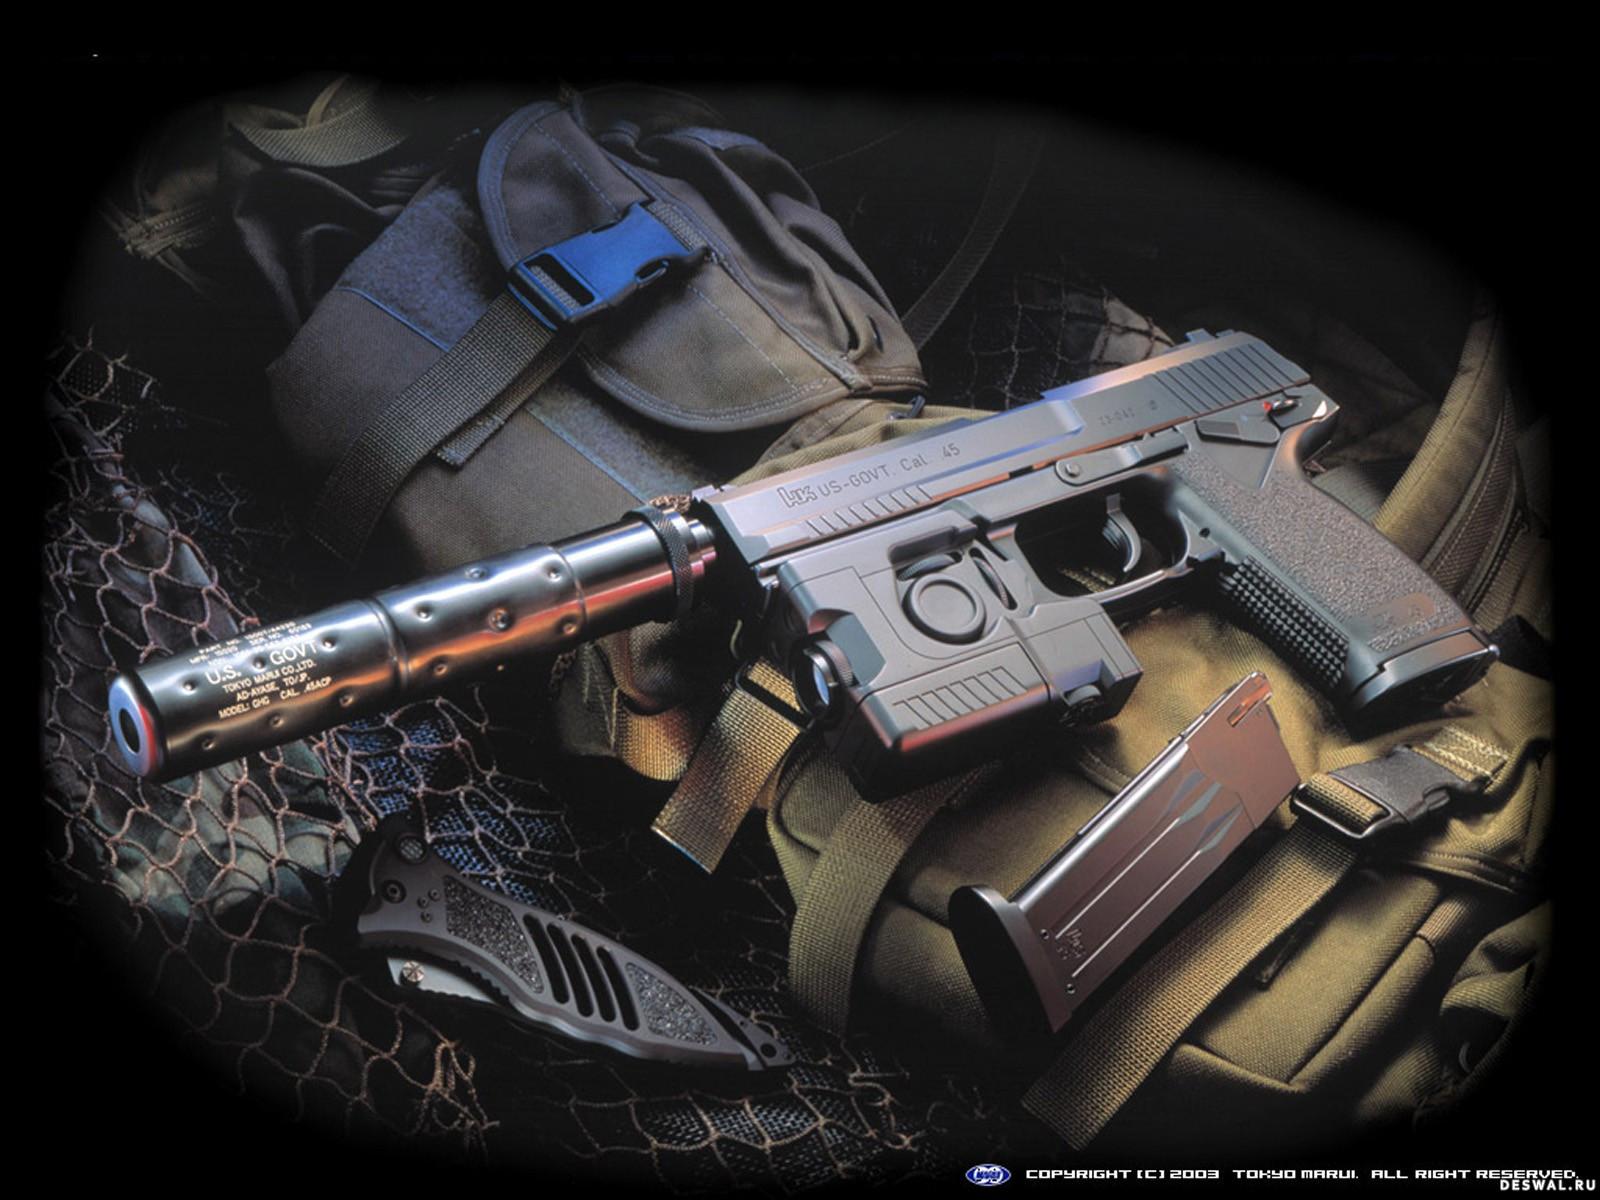 Фото 76. Нажмите на картинку с обоями оружия, чтобы просмотреть ее в реальном размере